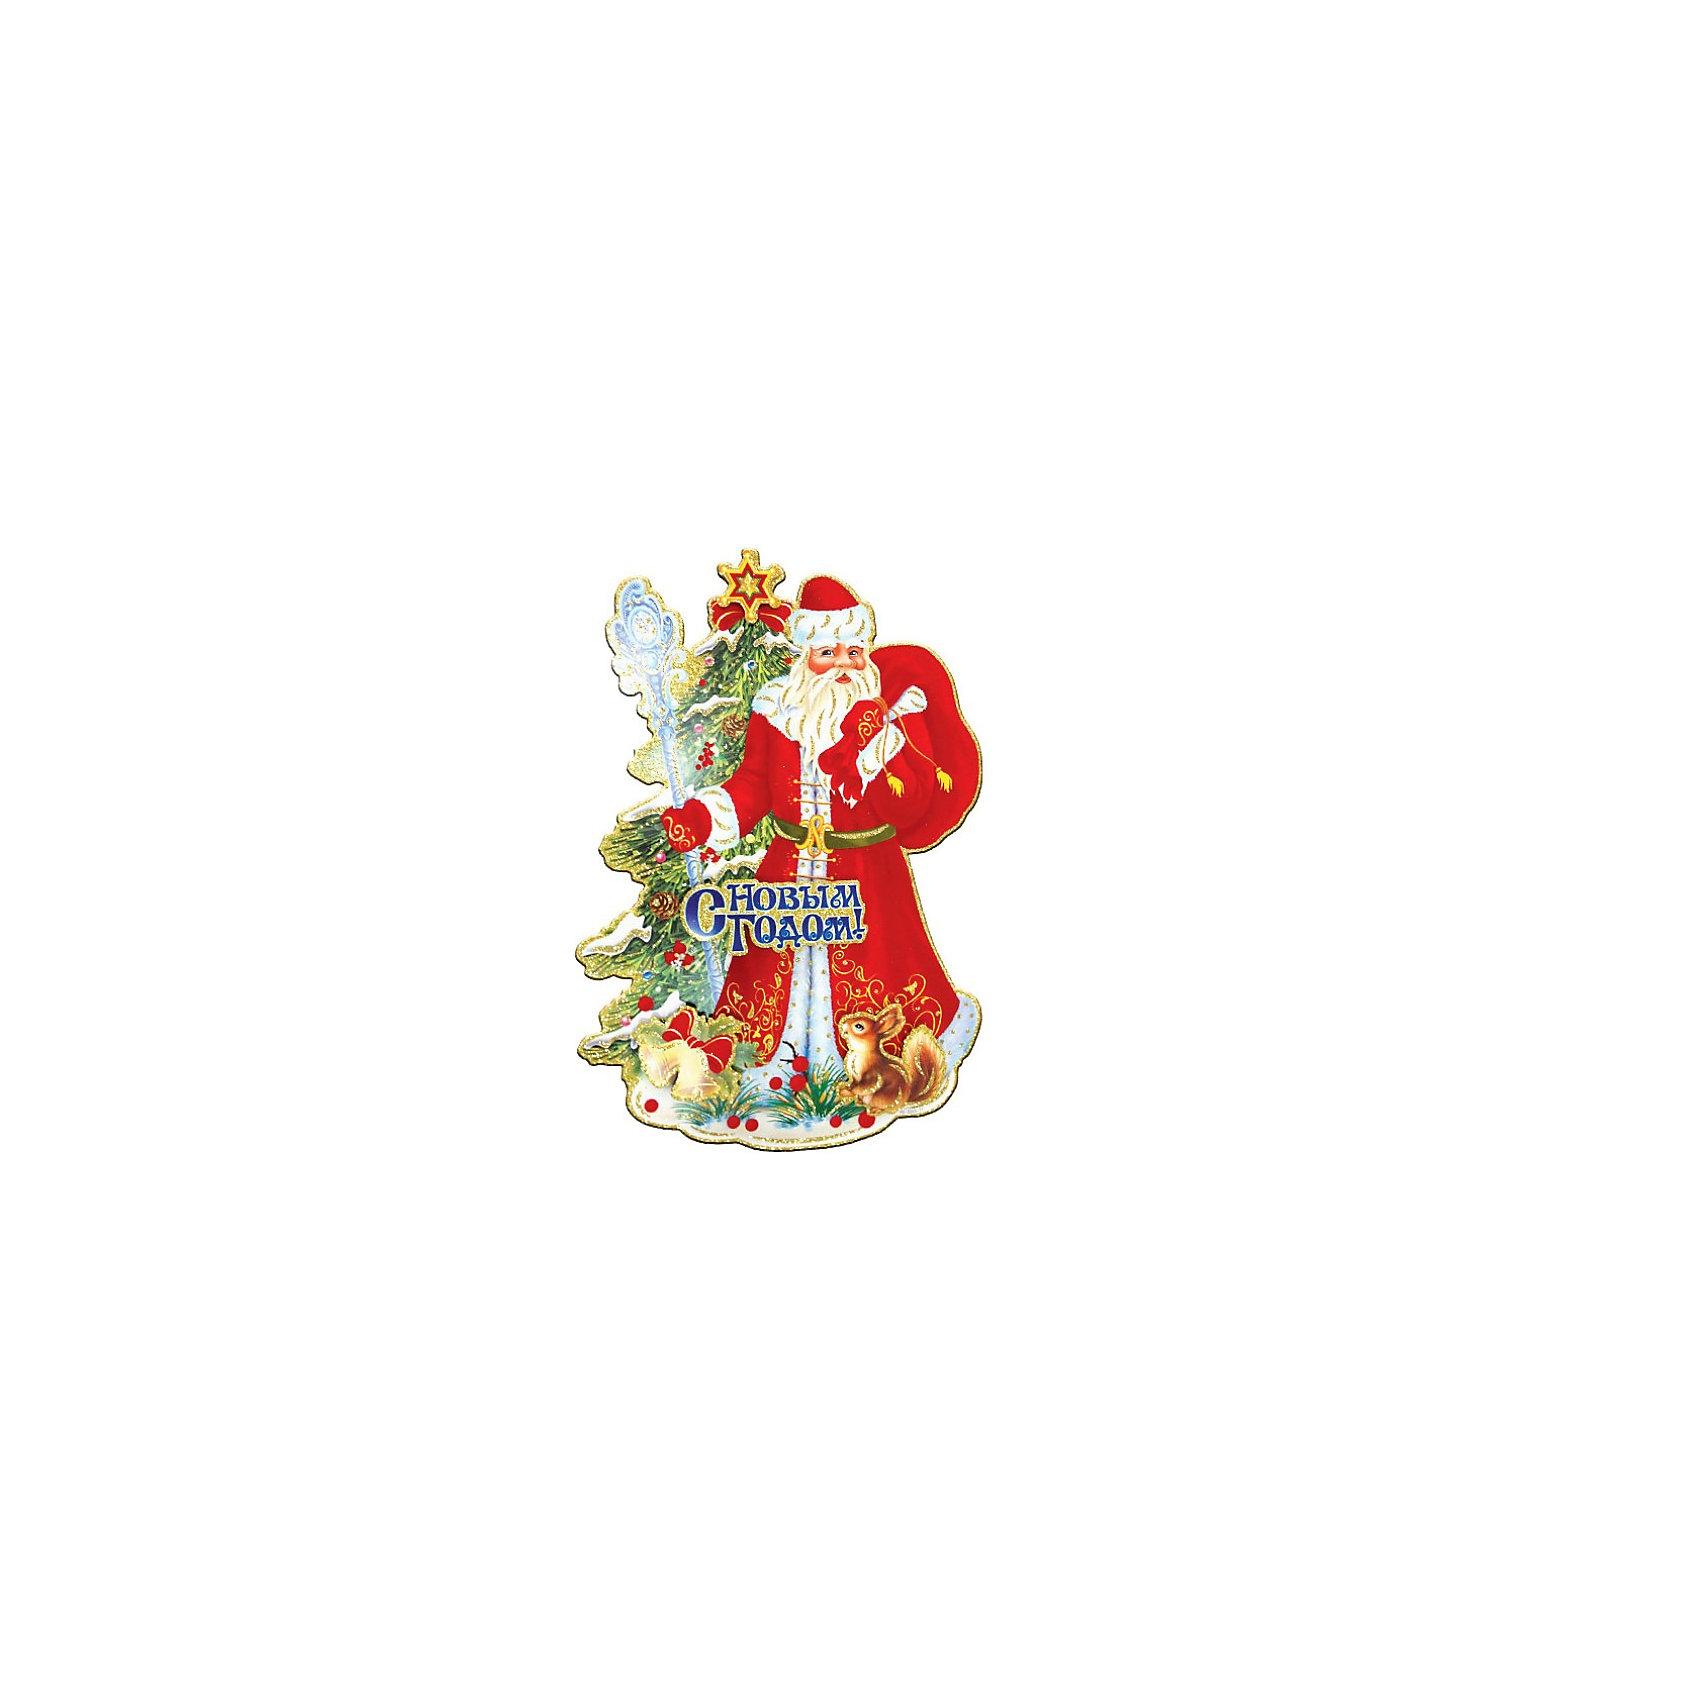 Панно бумажное Дед Мороз, TUKZARБумажное панно Дед Мороз, Tukzar (Тукзар) станет замечательным украшением Вашего интерьера и поможет создать волшебную атмосферу новогоднего праздника. Бумажное панно выполнено в виде нарядной композиции с изображениями Деда Мороза и новогодней елки.<br><br>Дополнительная информация:<br><br>- Размер панно: 53 х 37 см.<br>- Вес: 91 гр. <br><br>Бумажное панно Дед Мороз, Tukzar (Тукзар) можно купить в нашем интернет-магазине.<br><br>Ширина мм: 530<br>Глубина мм: 370<br>Высота мм: 20<br>Вес г: 91<br>Возраст от месяцев: 36<br>Возраст до месяцев: 168<br>Пол: Унисекс<br>Возраст: Детский<br>SKU: 3875847